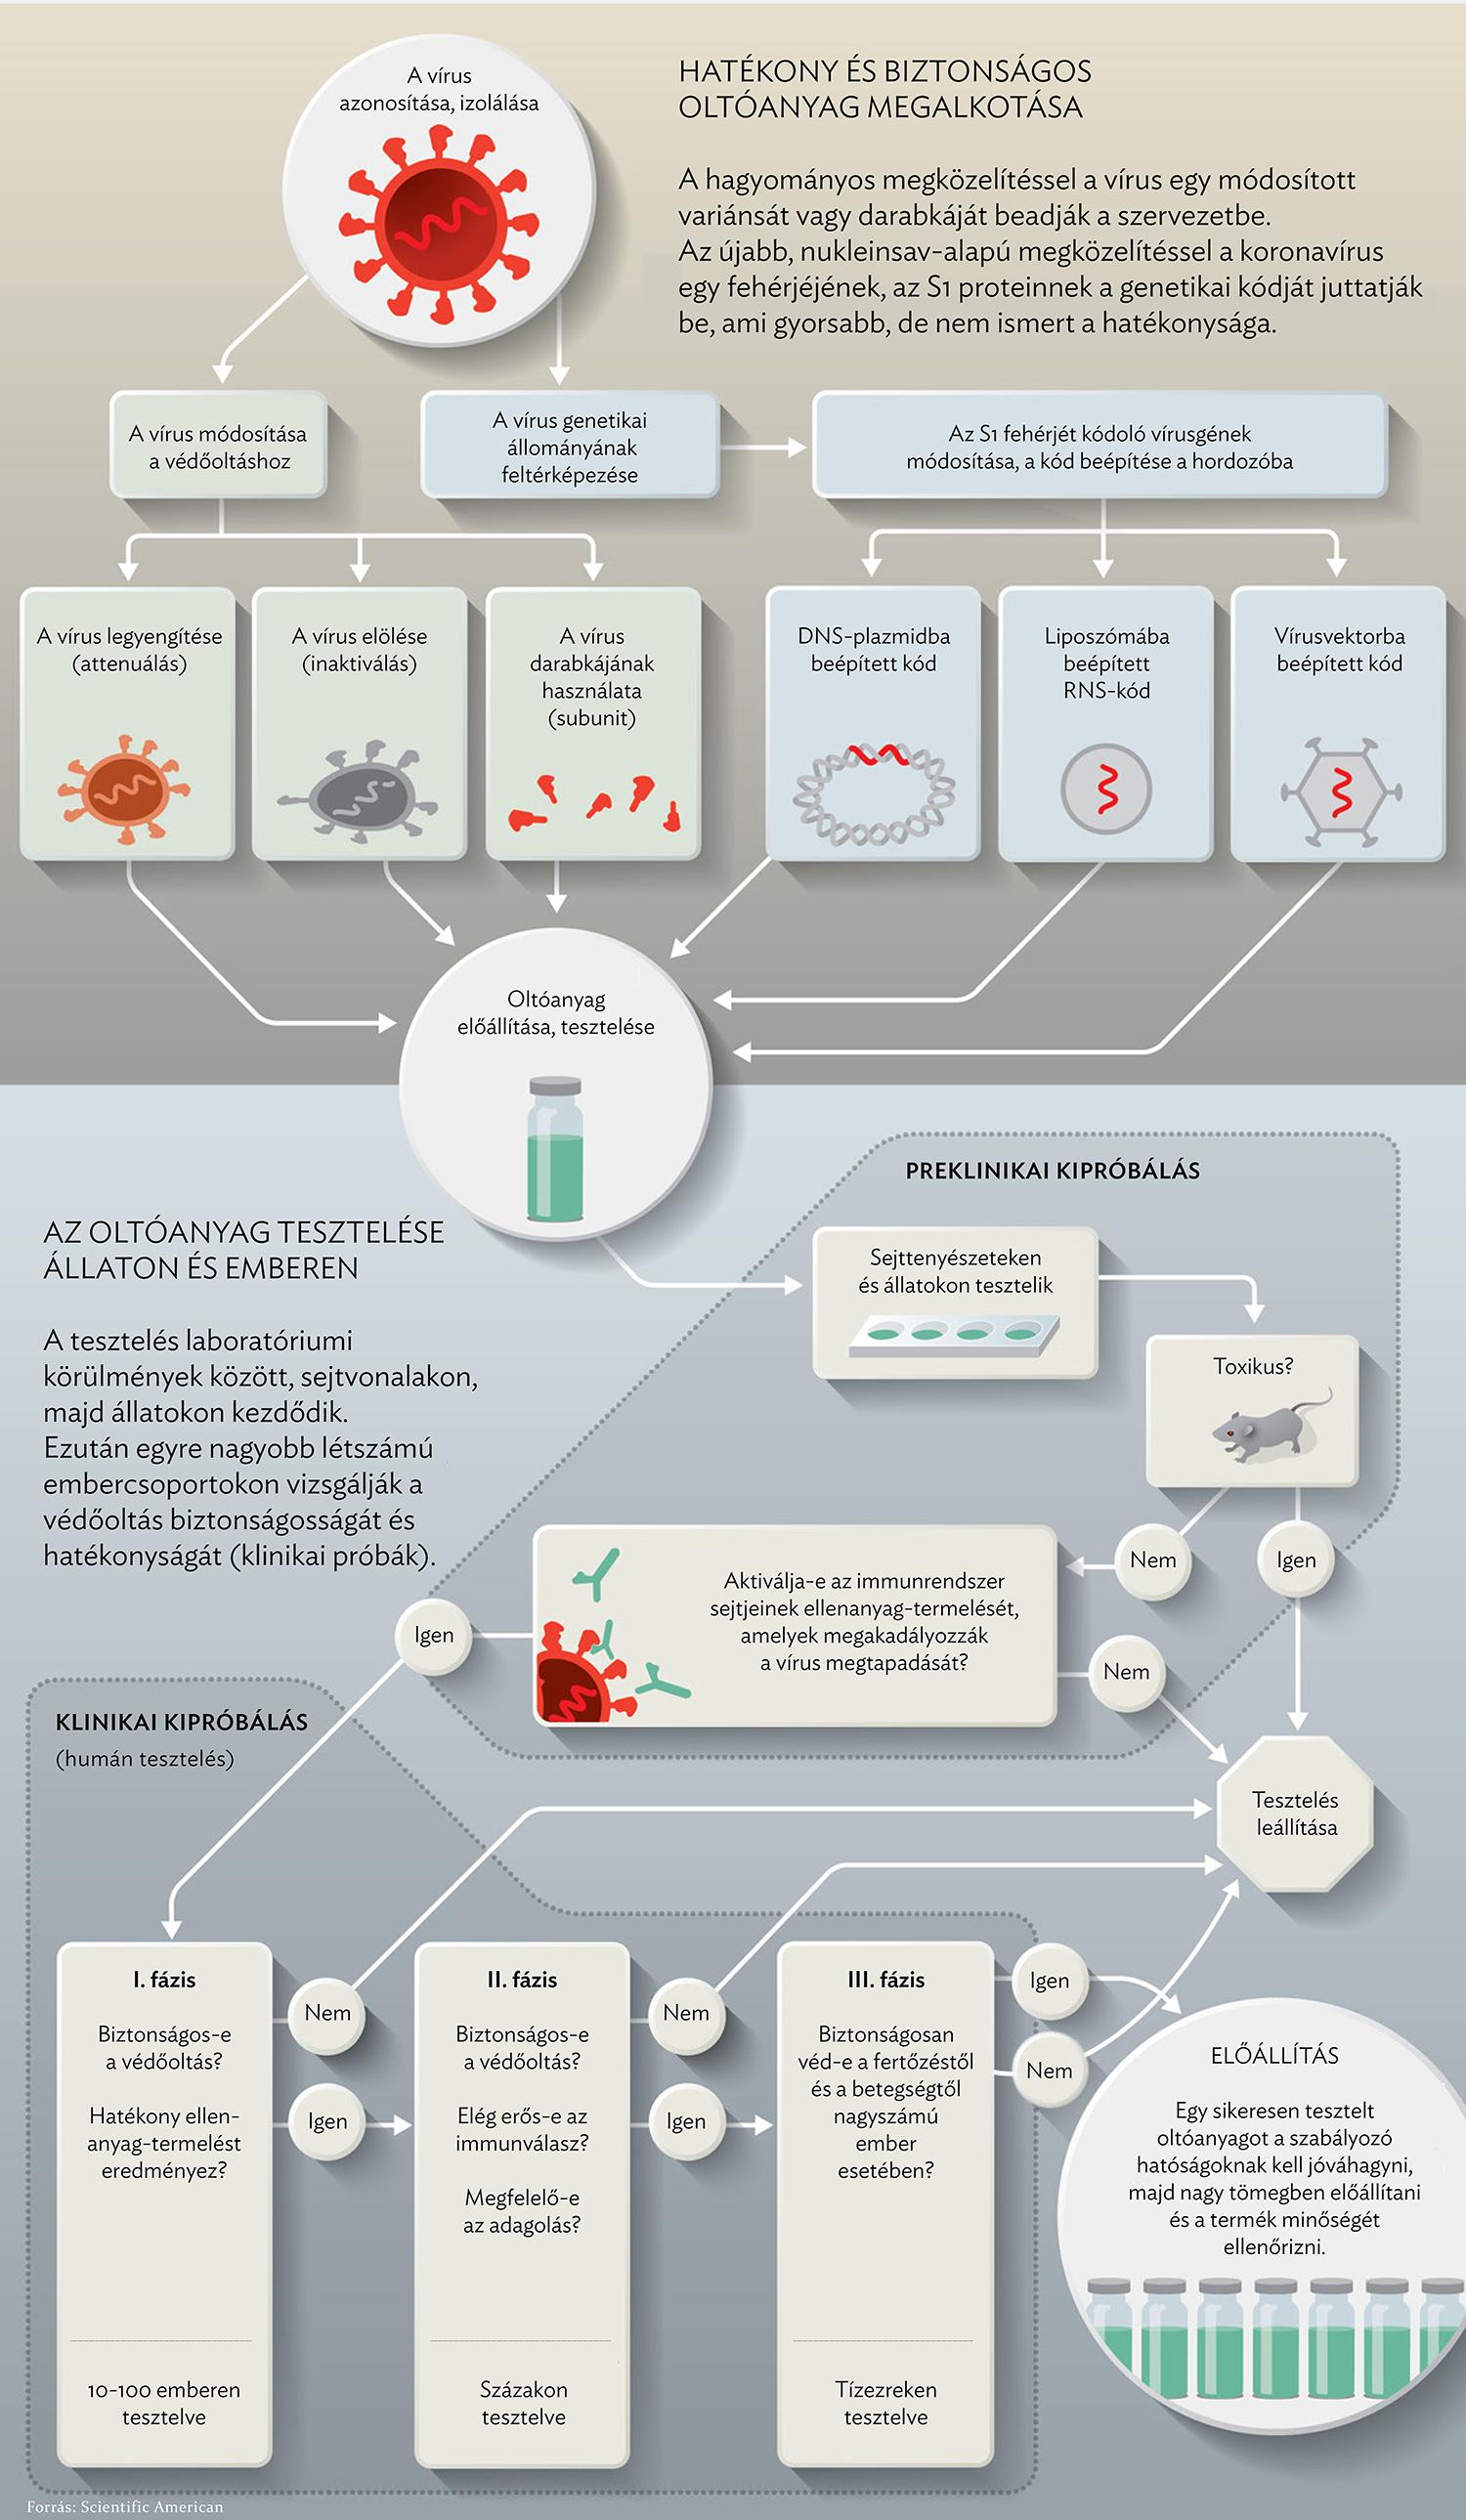 papilloma láz vírus elleni vakcina a hpv bőrrákot okoz